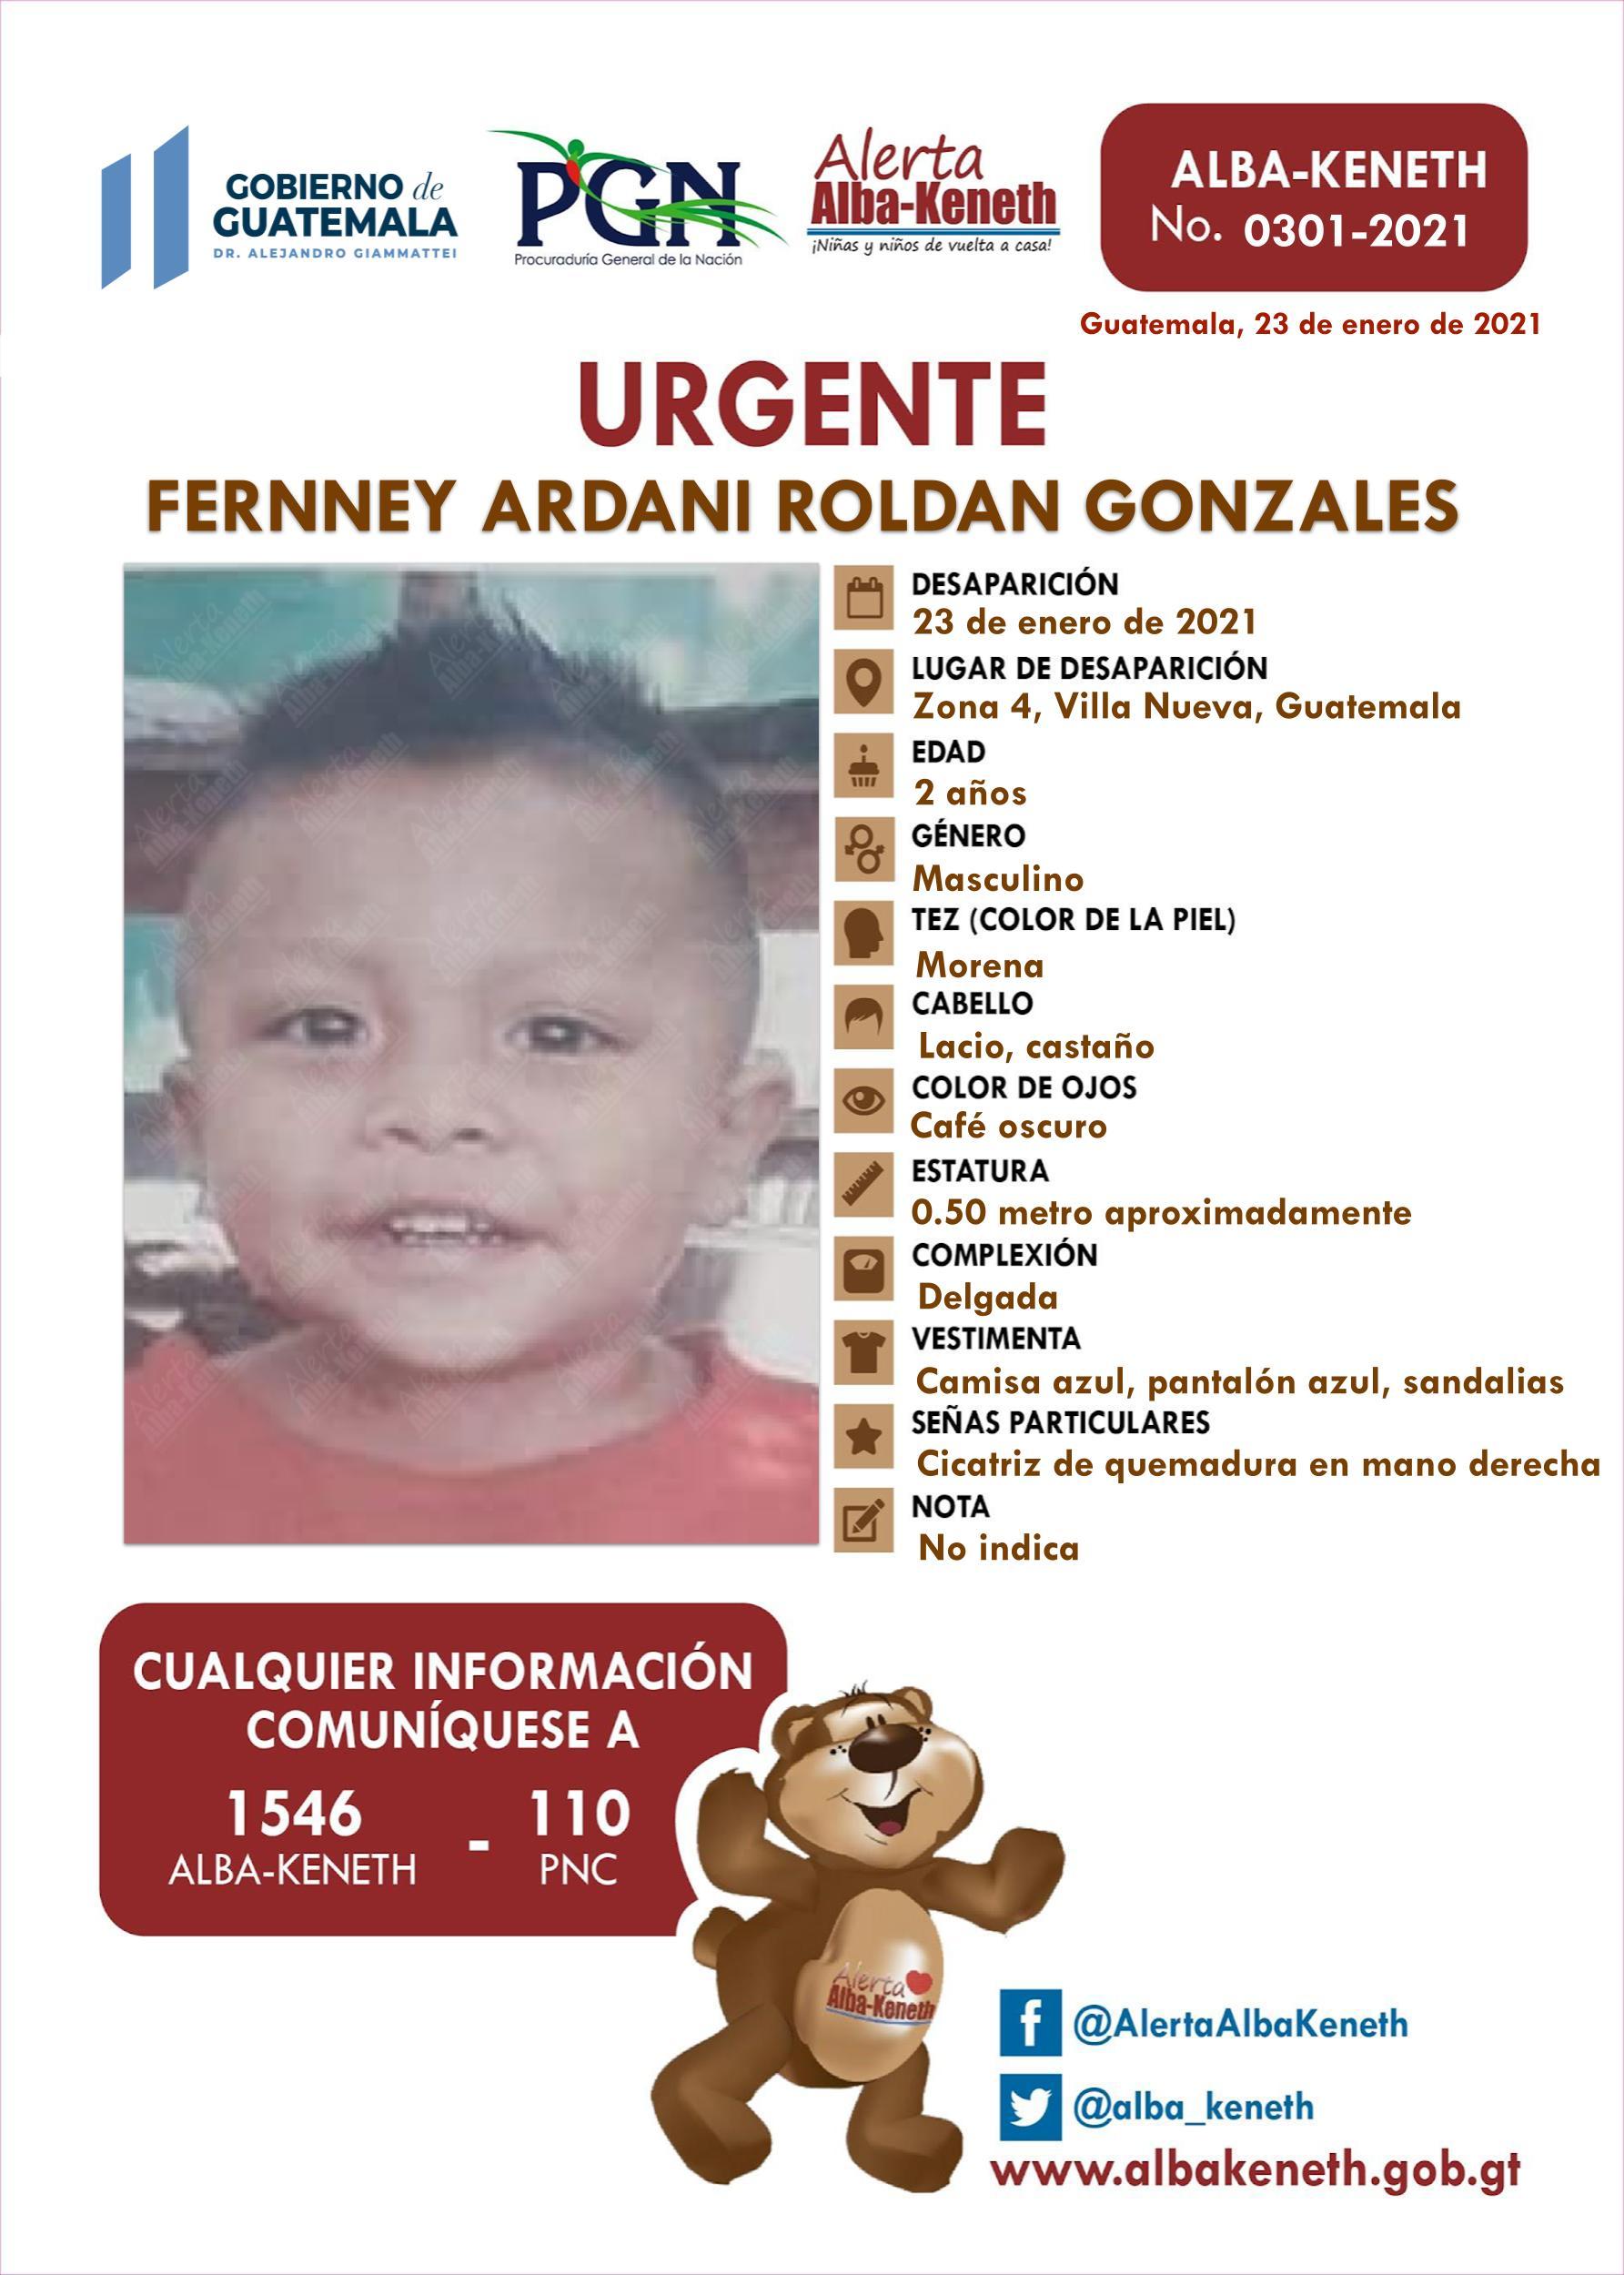 Fernney Ardani Roldan Gonzales